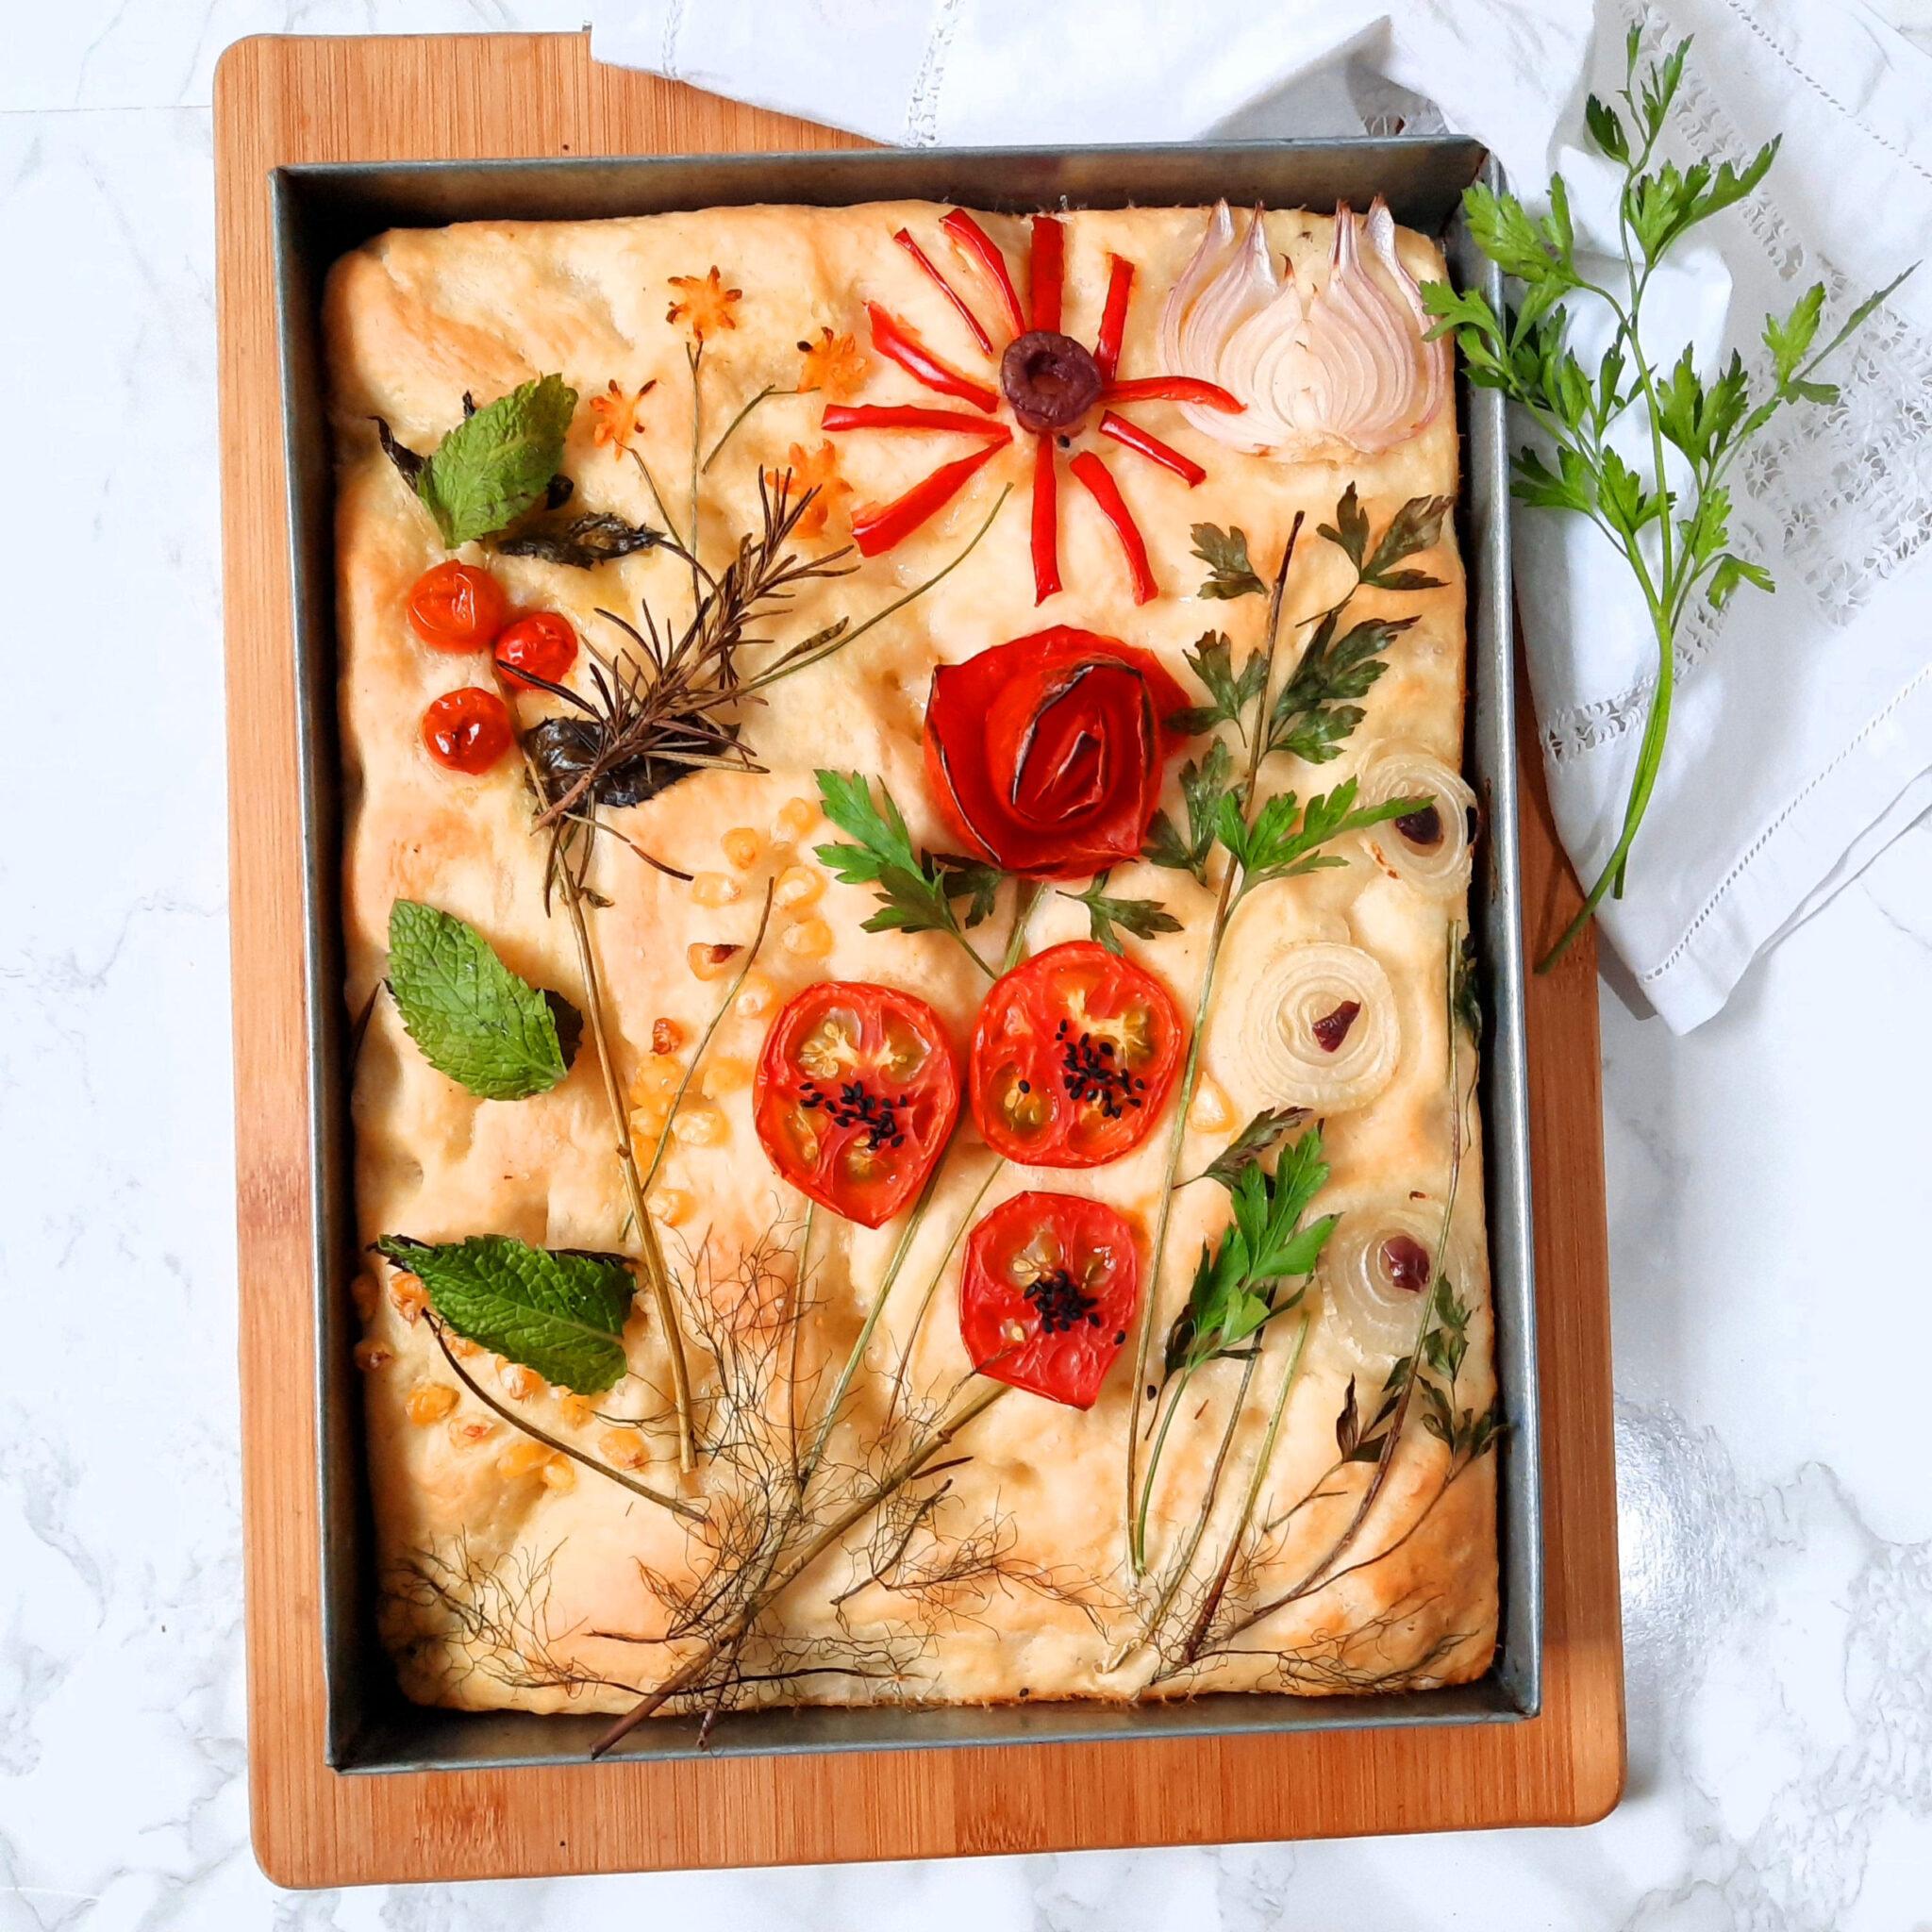 Focaccia: Italian bread